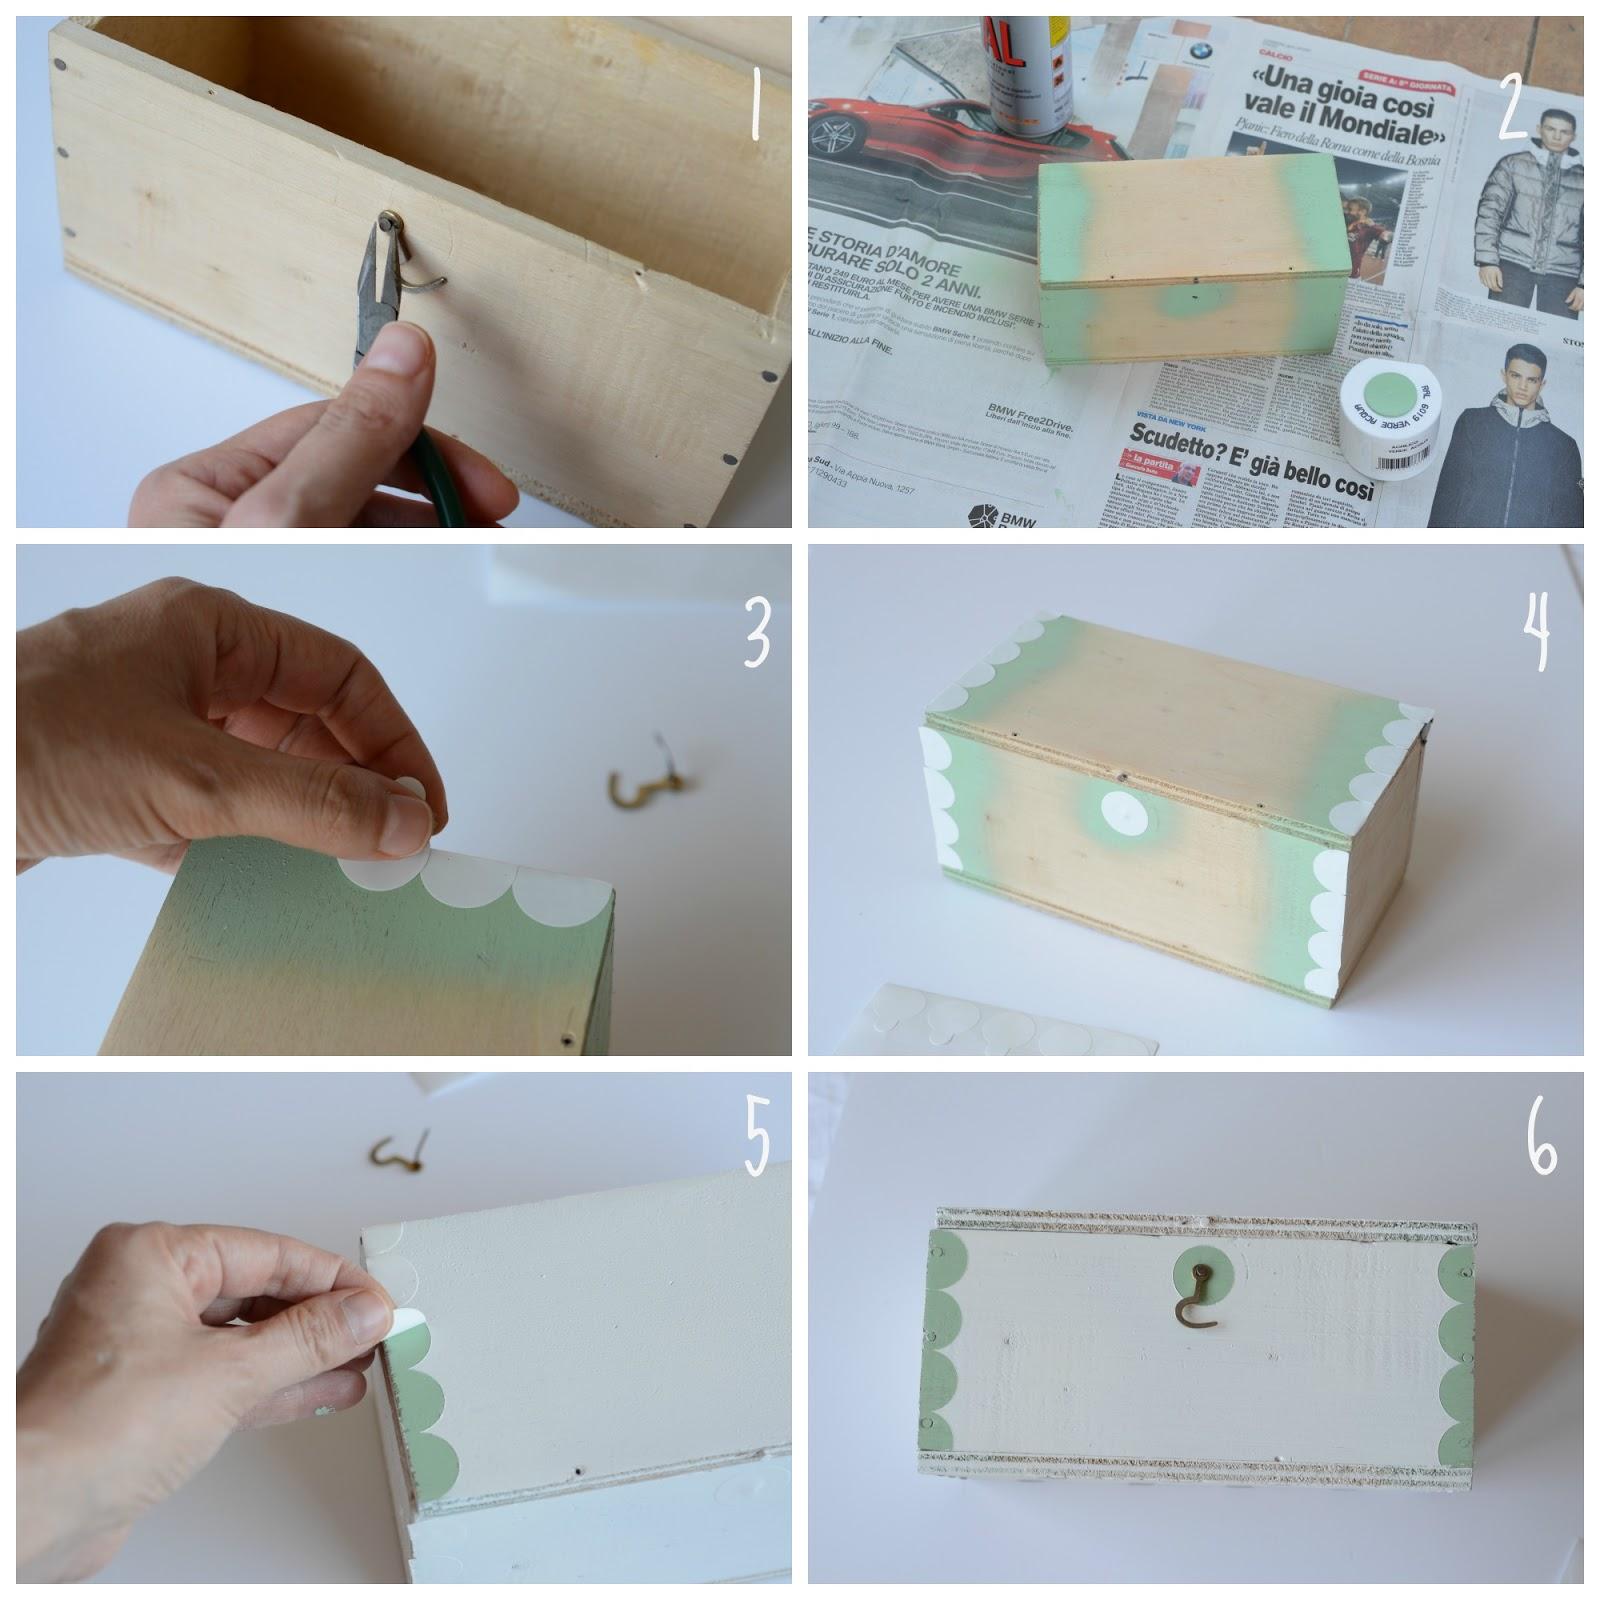 Popolare Linfa Creativa: Diy: come decorare una scatola di legno RG93